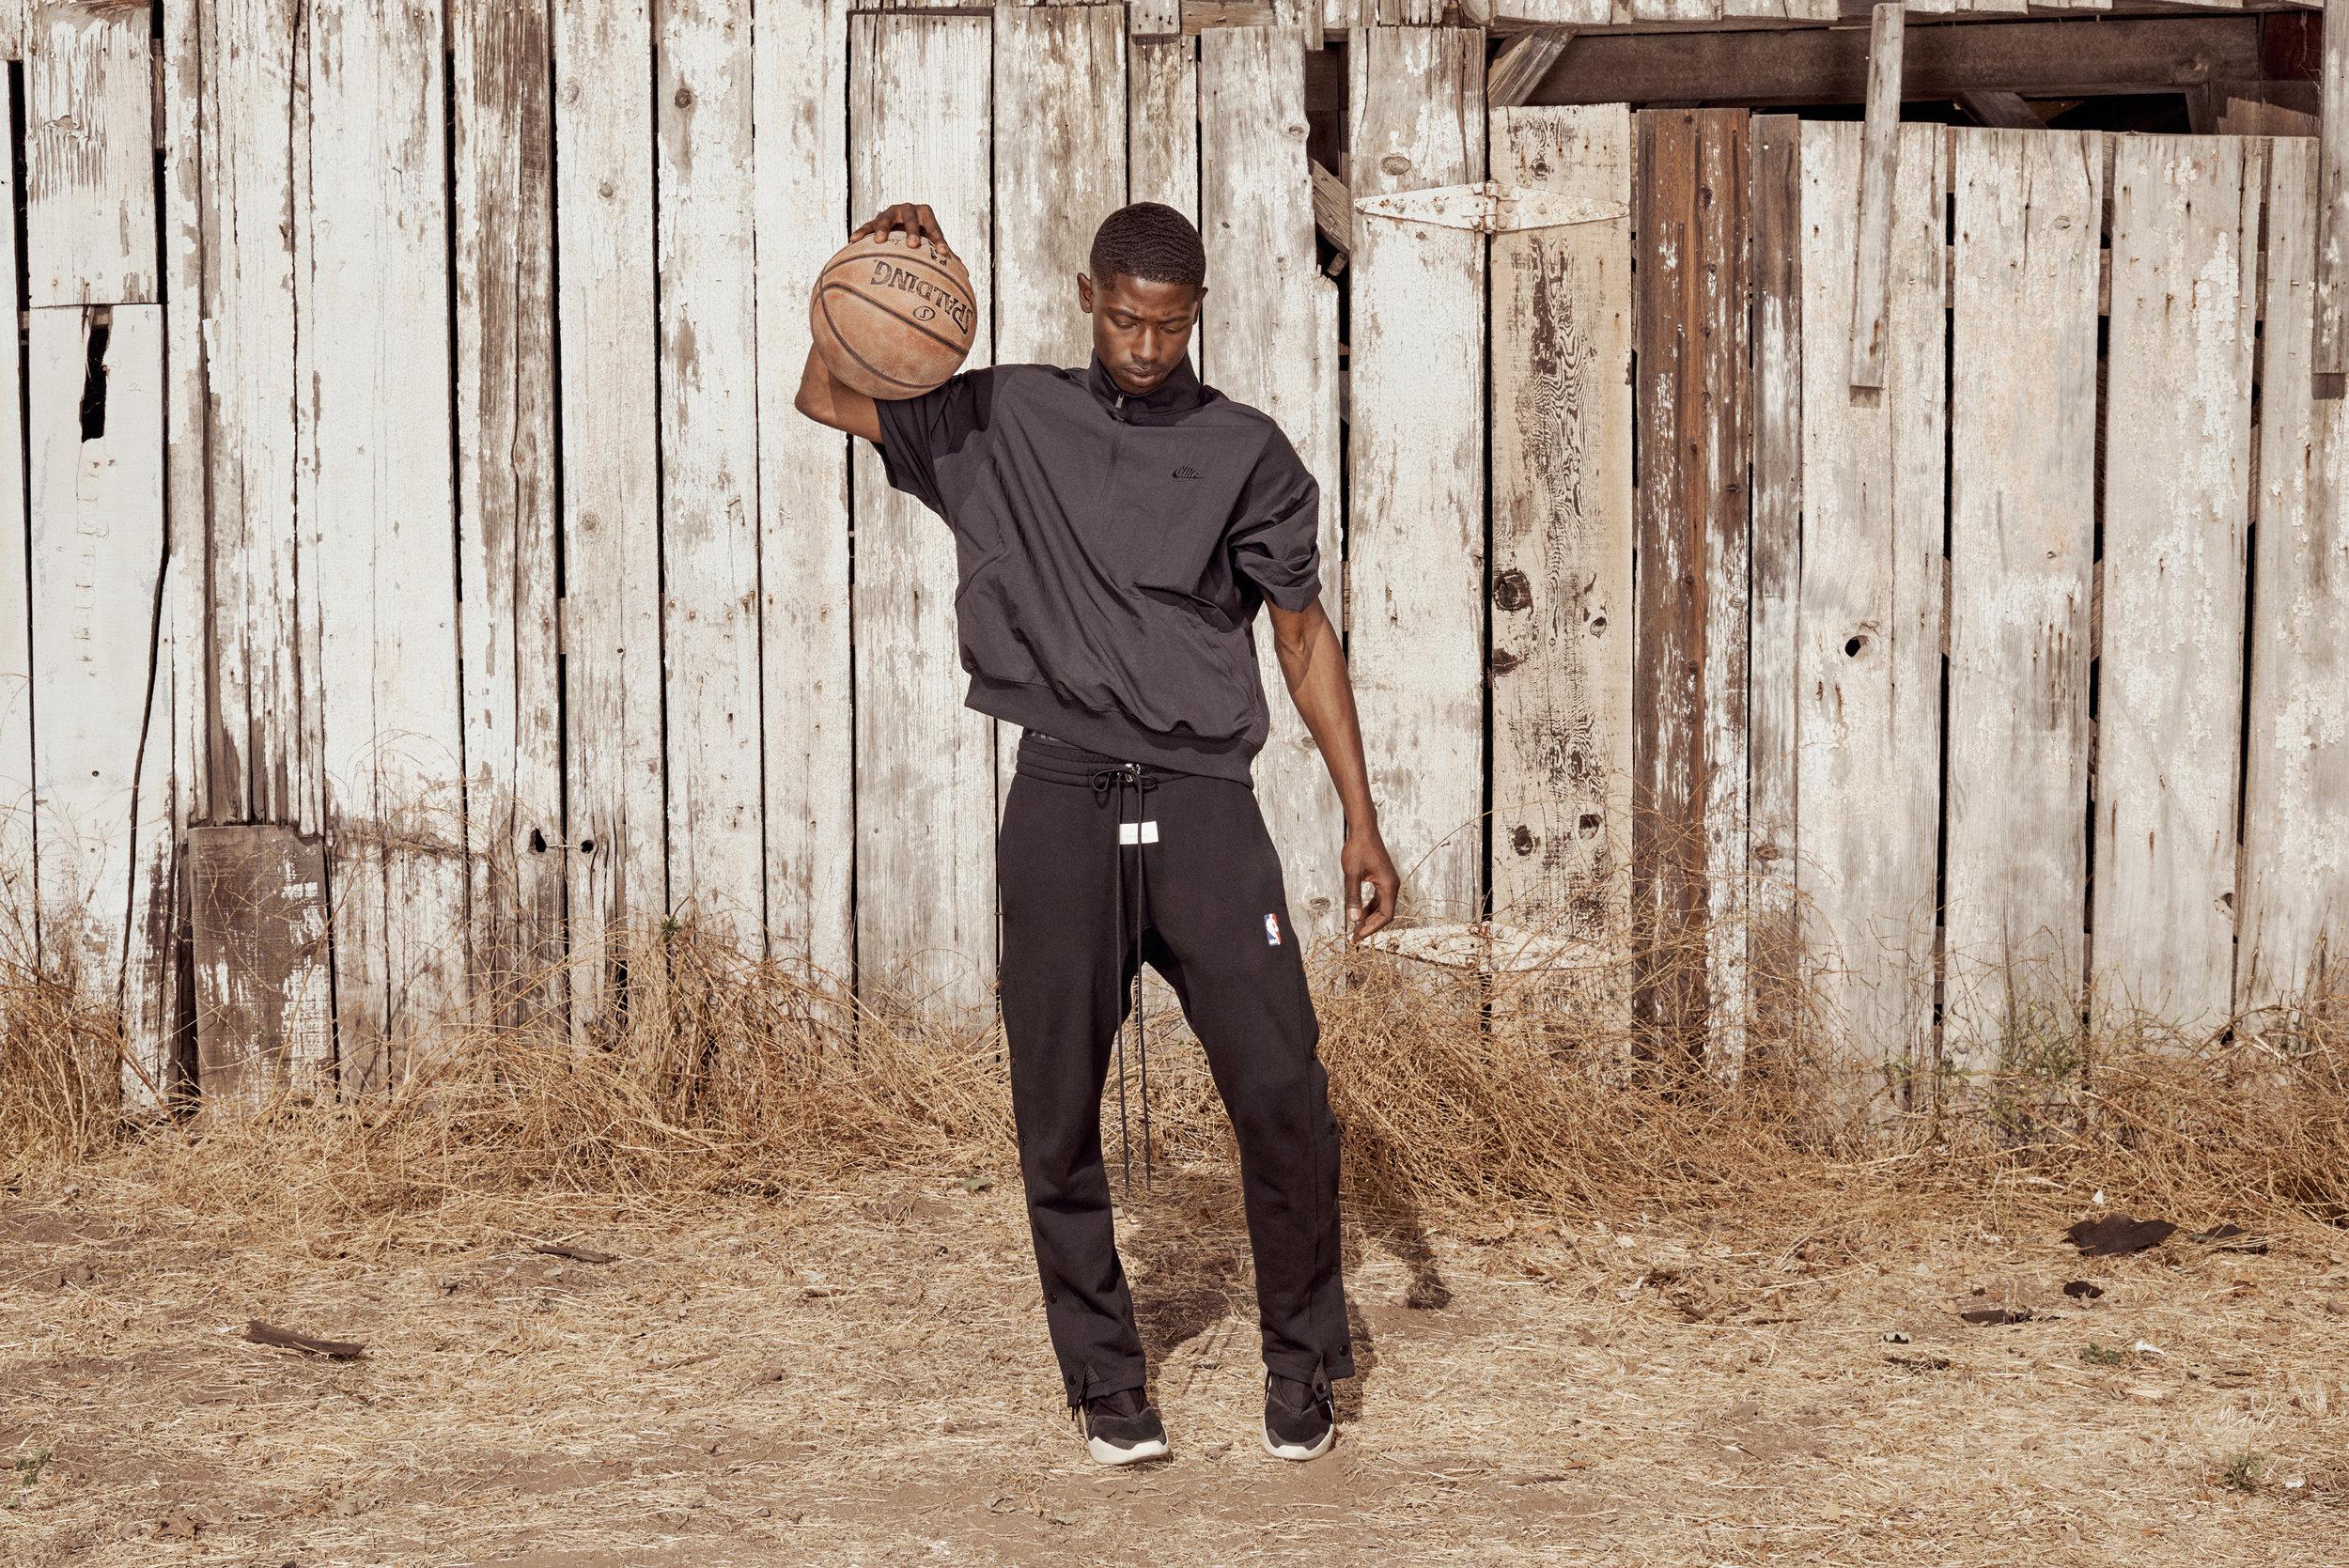 Nike-x-Fear-of-God-7_original.jpg